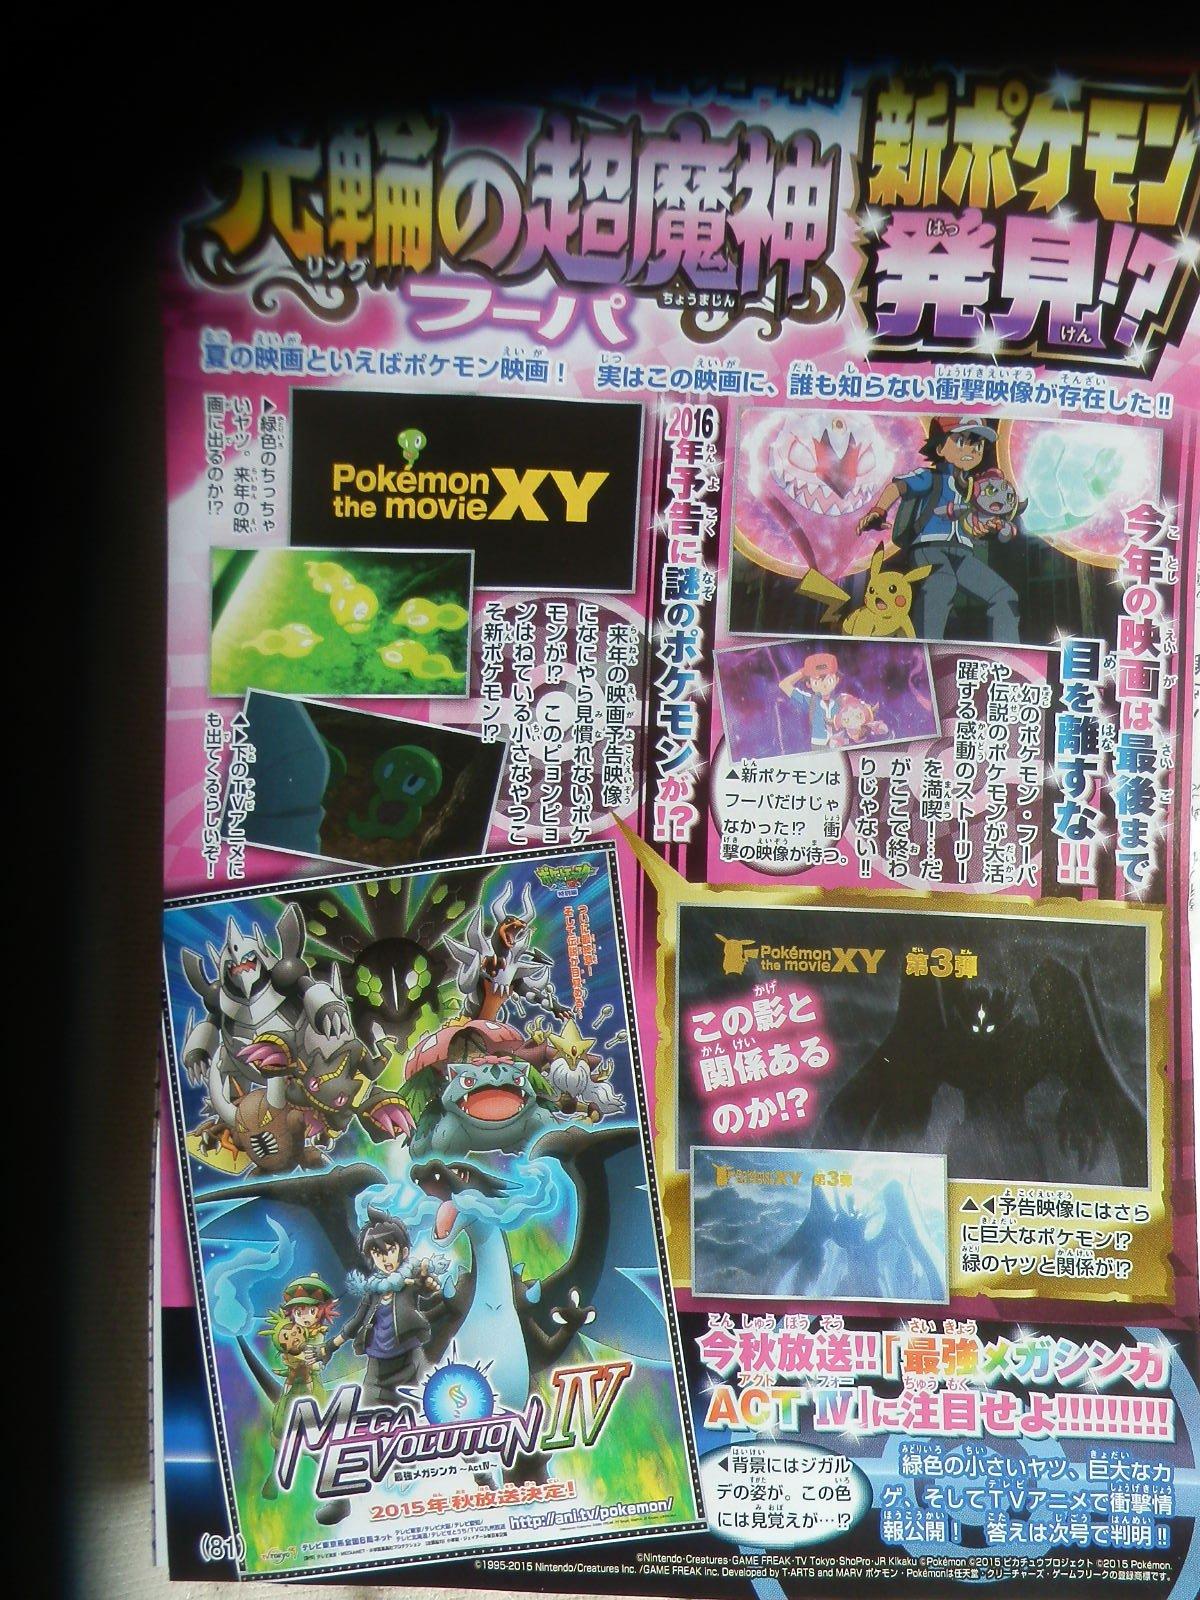 Bilder vom grünen Pokémon, dem rätselhaften Umriss und dem Mega Evolution-Film